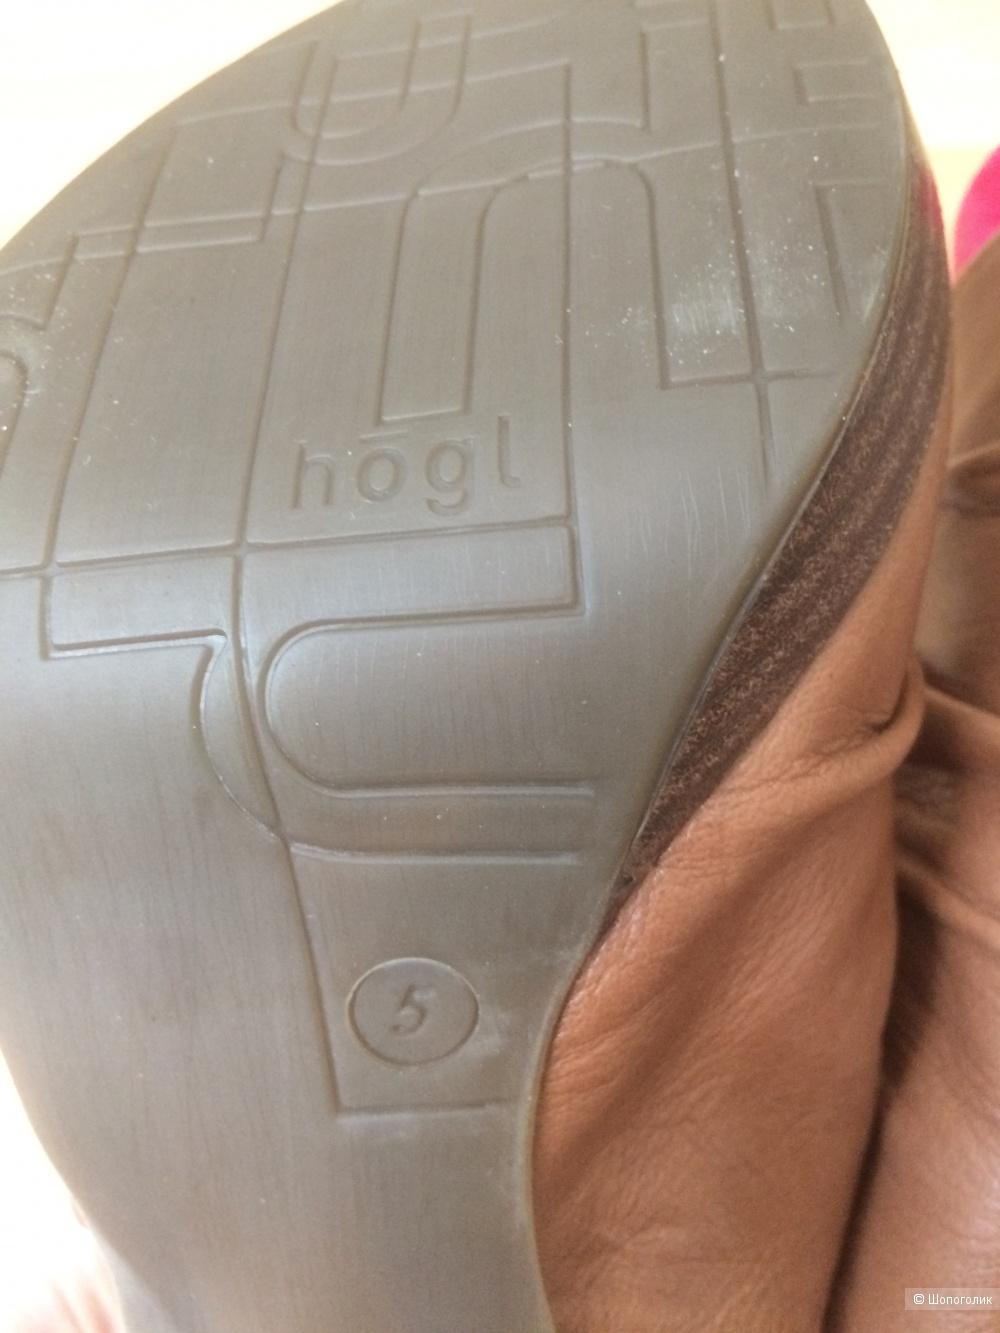 """Босоножки """"Hogl"""" размер 5"""